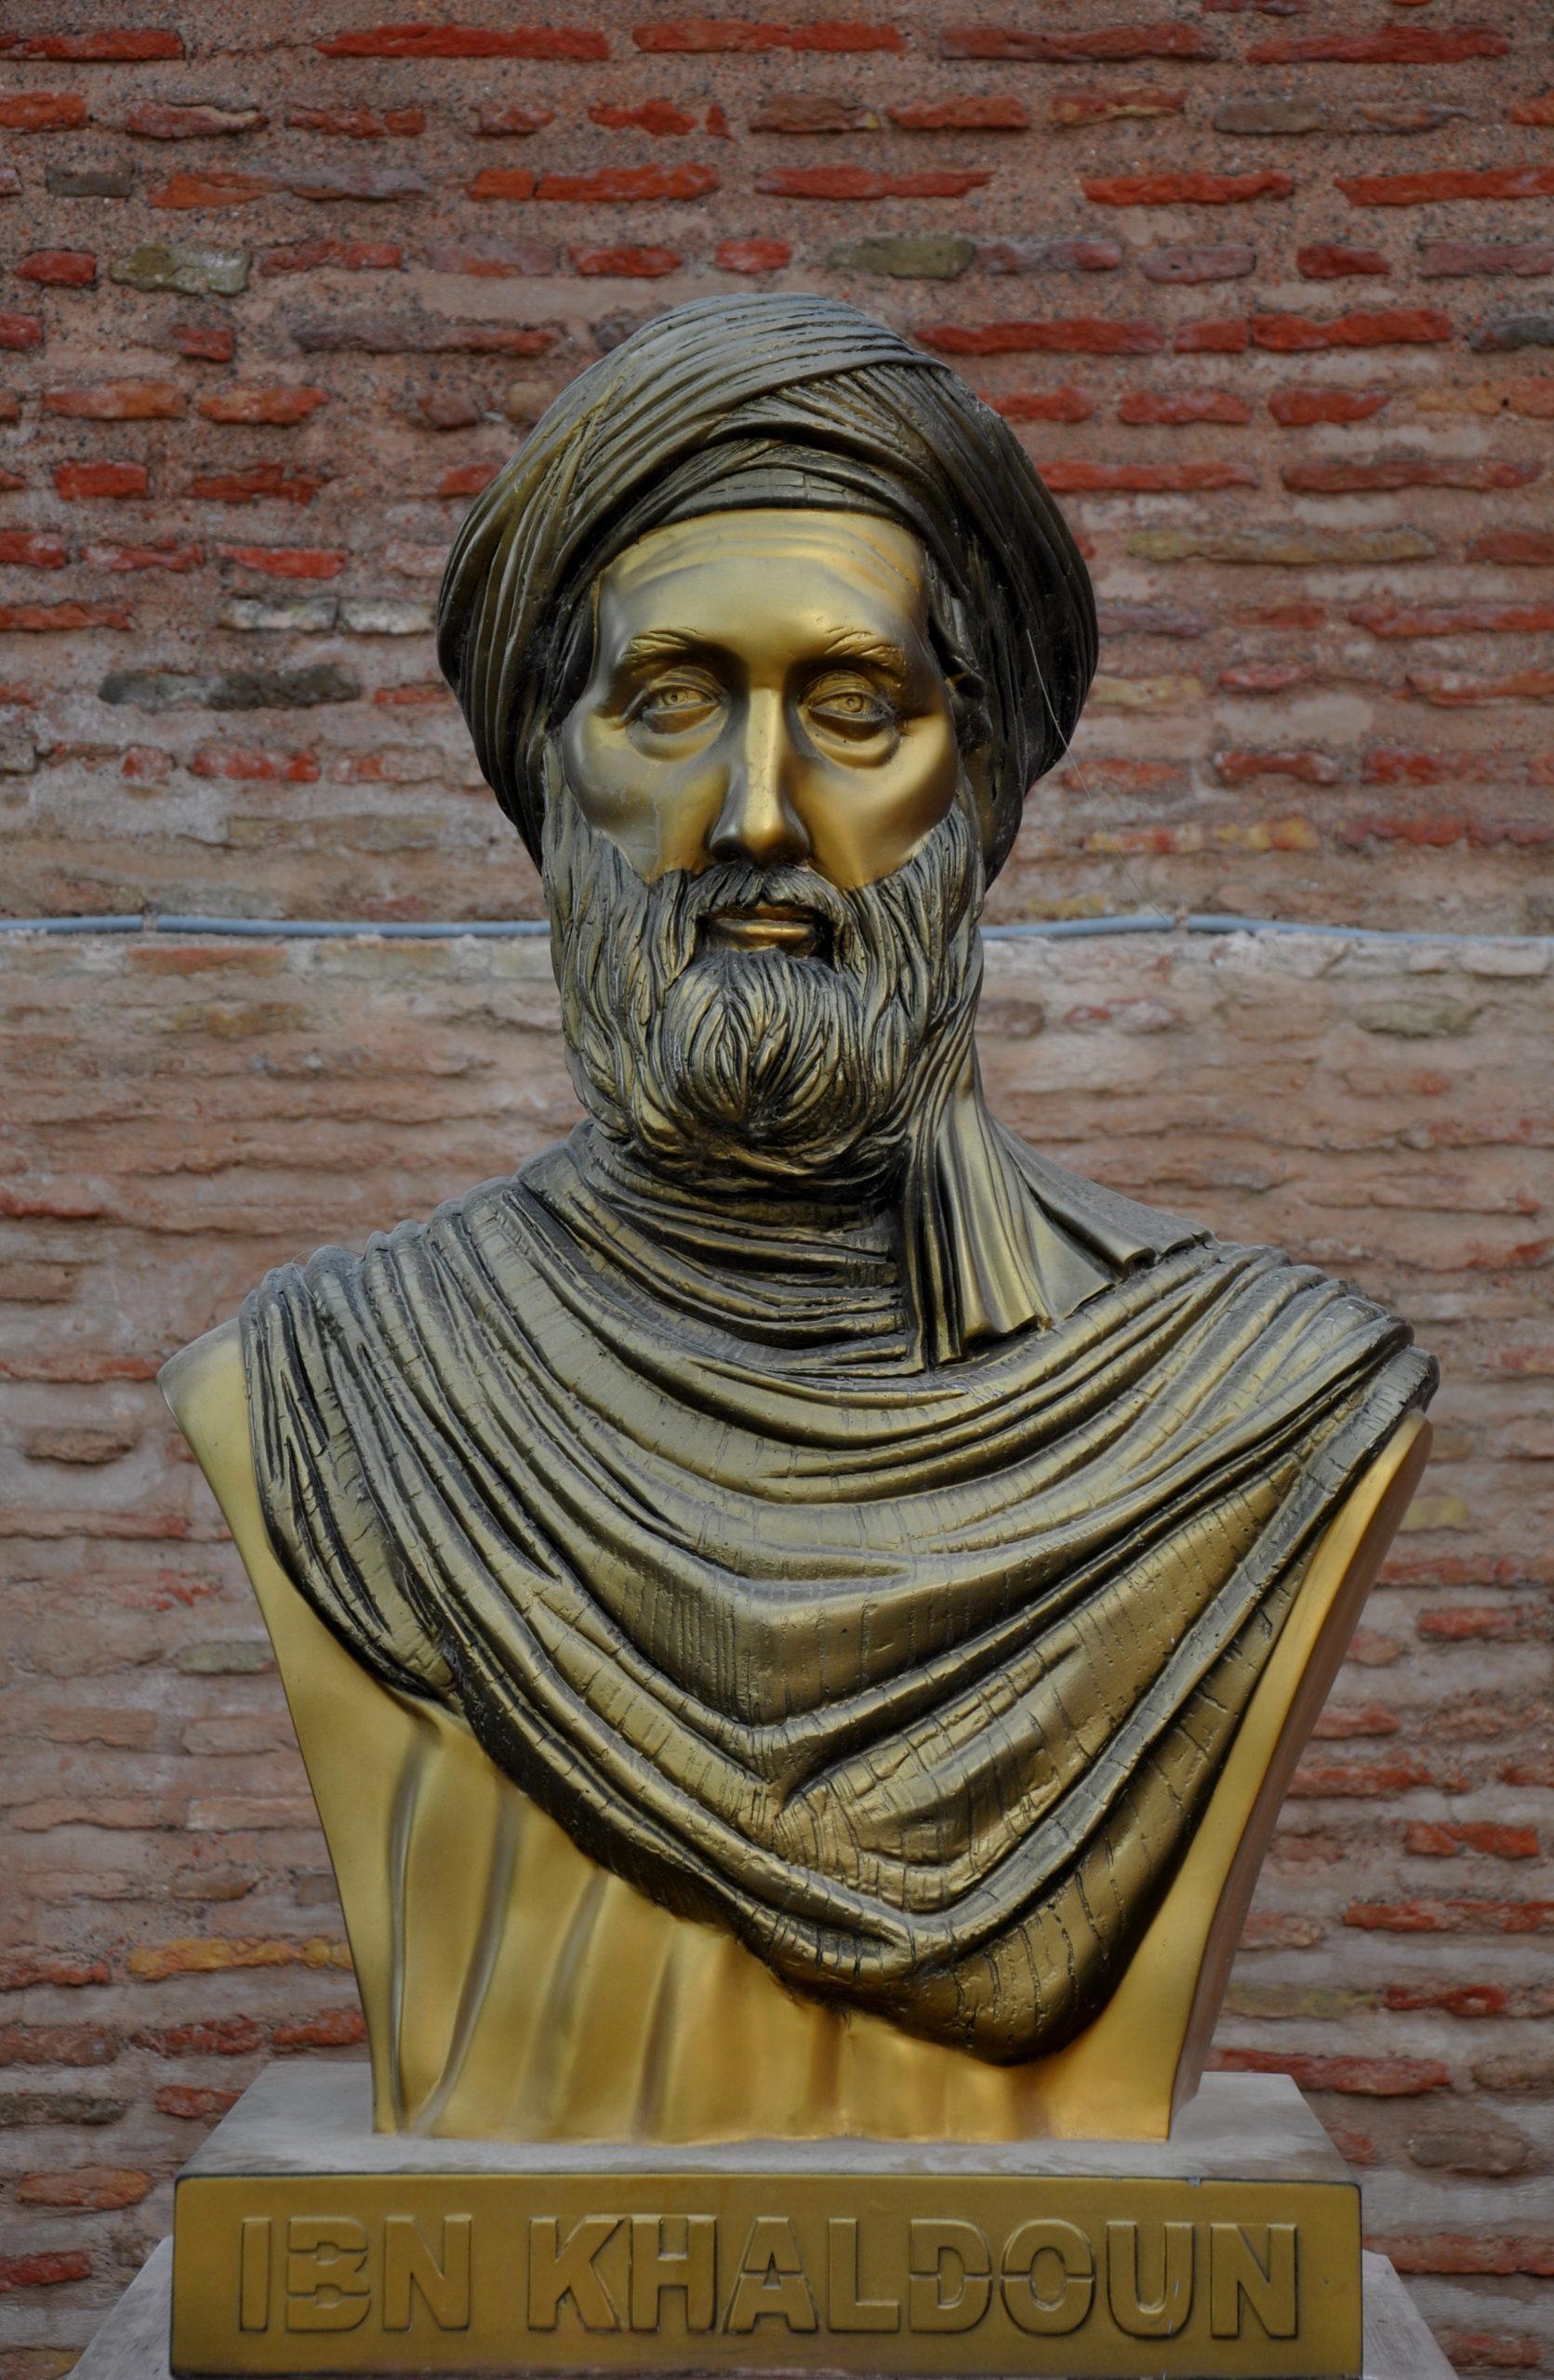 Buste de Ibn Khaldun à la Casbah de Bejaia, Algérie _Wikipedia